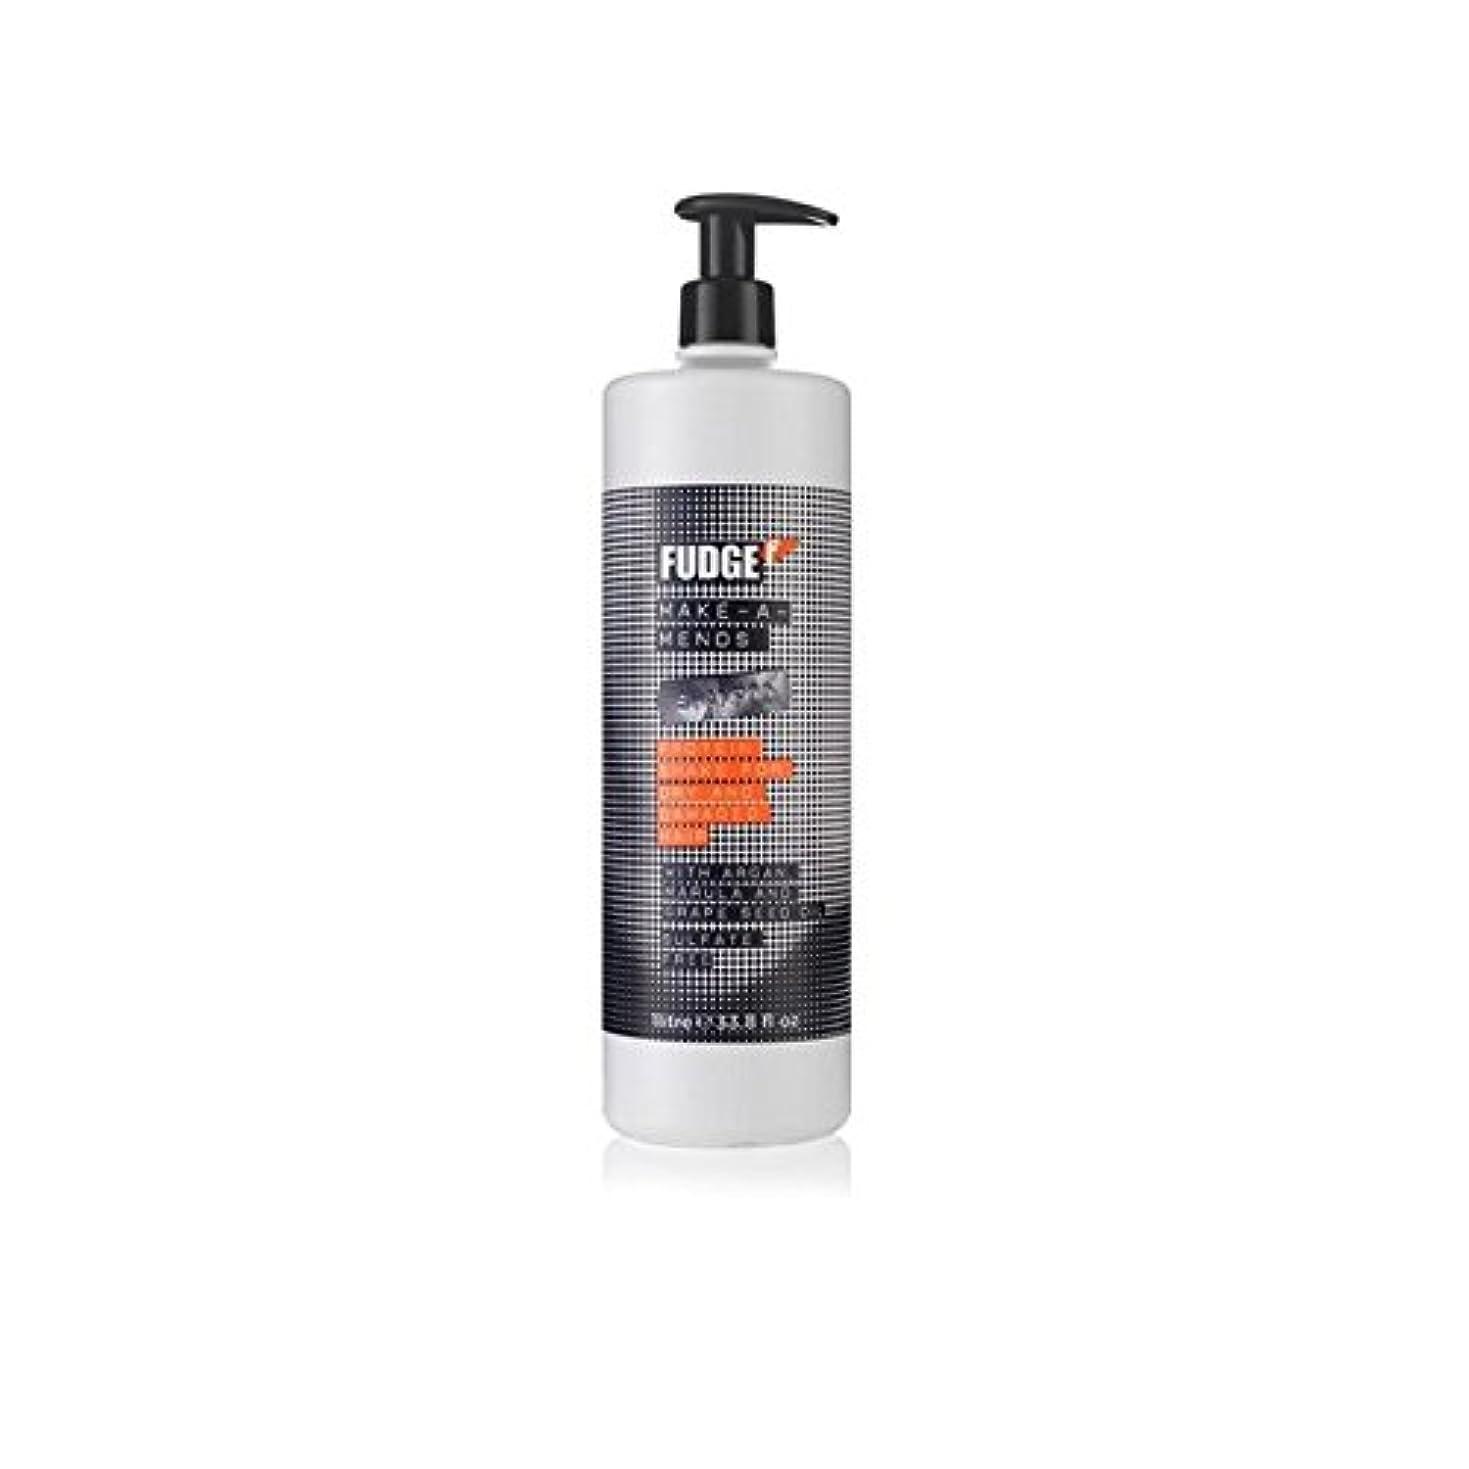 機知に富んだハング心のこもったファッジメイク-シャンプー(千ミリリットル) x2 - Fudge Make-A-Mends Shampoo (1000ml) (Pack of 2) [並行輸入品]